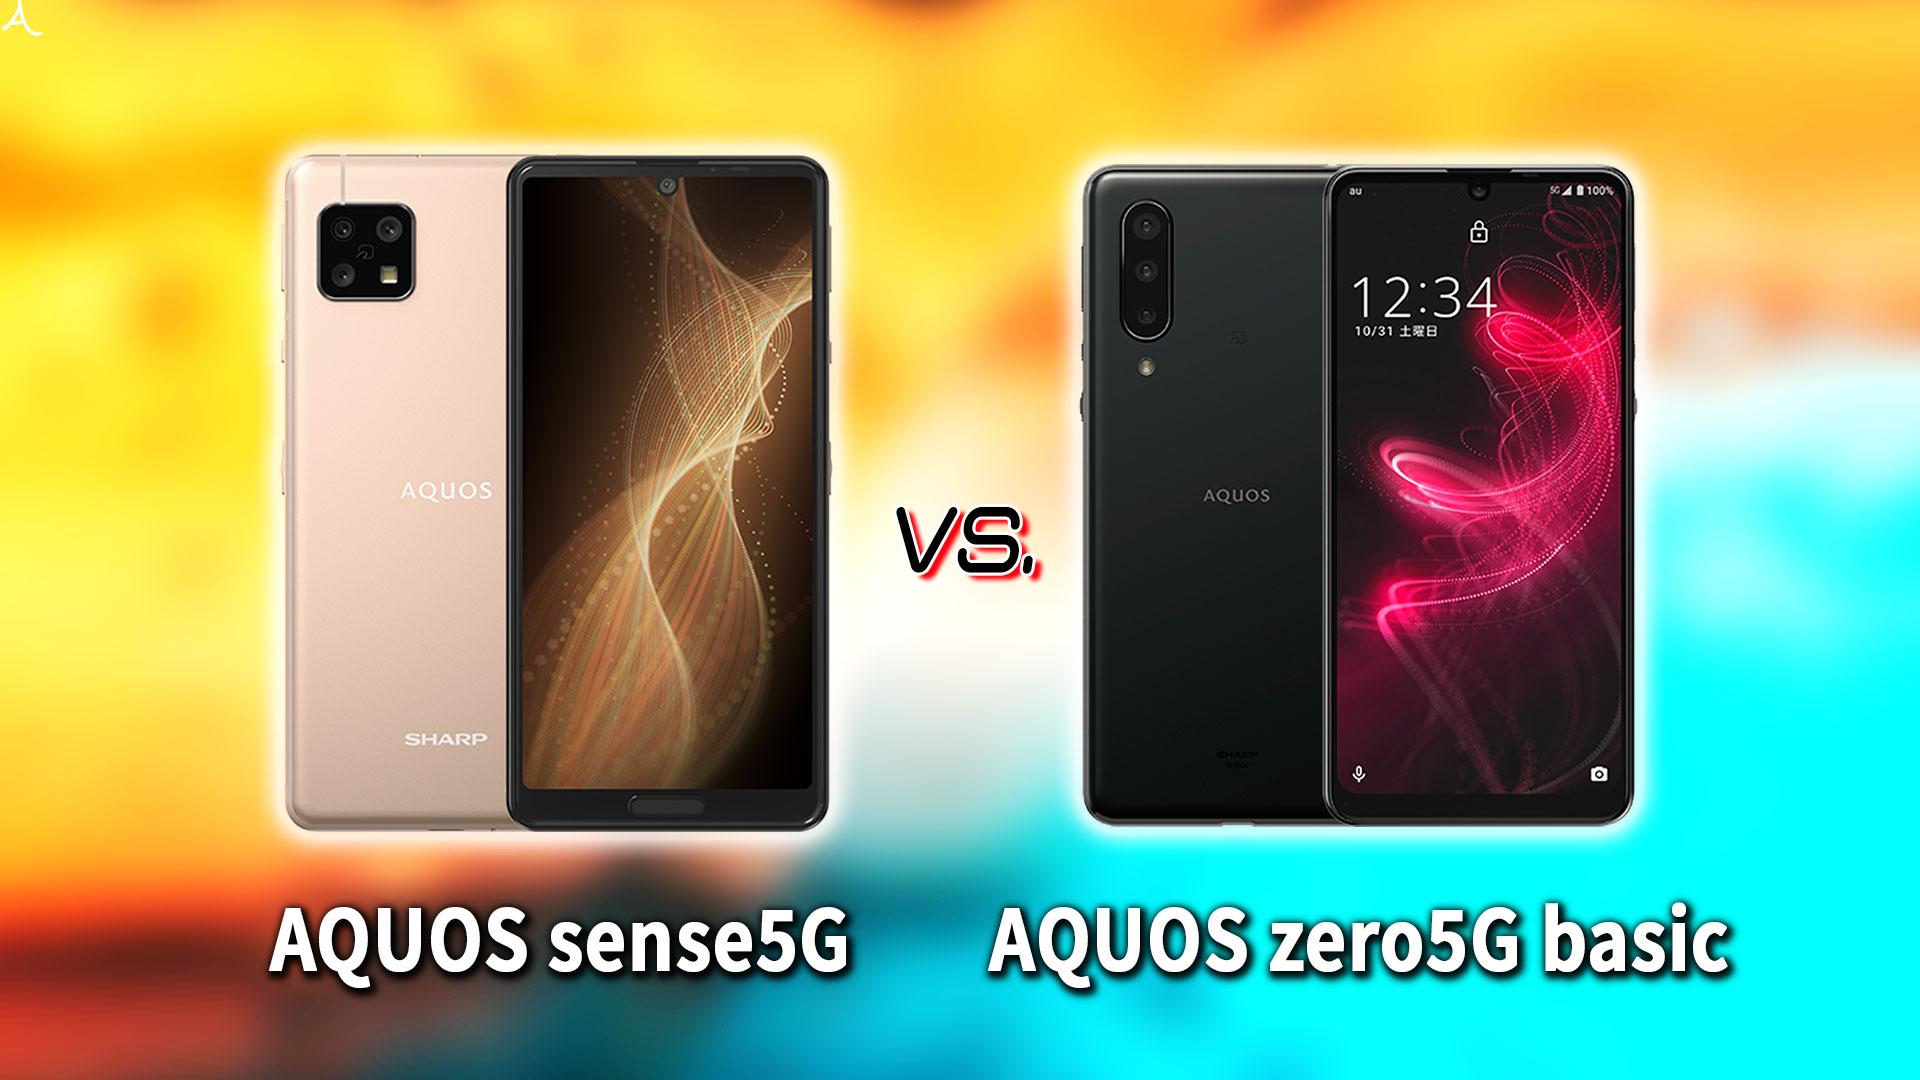 「AQUOS sense5G」と「AQUOS zero5G basic」の違いを比較:どっちを買う?